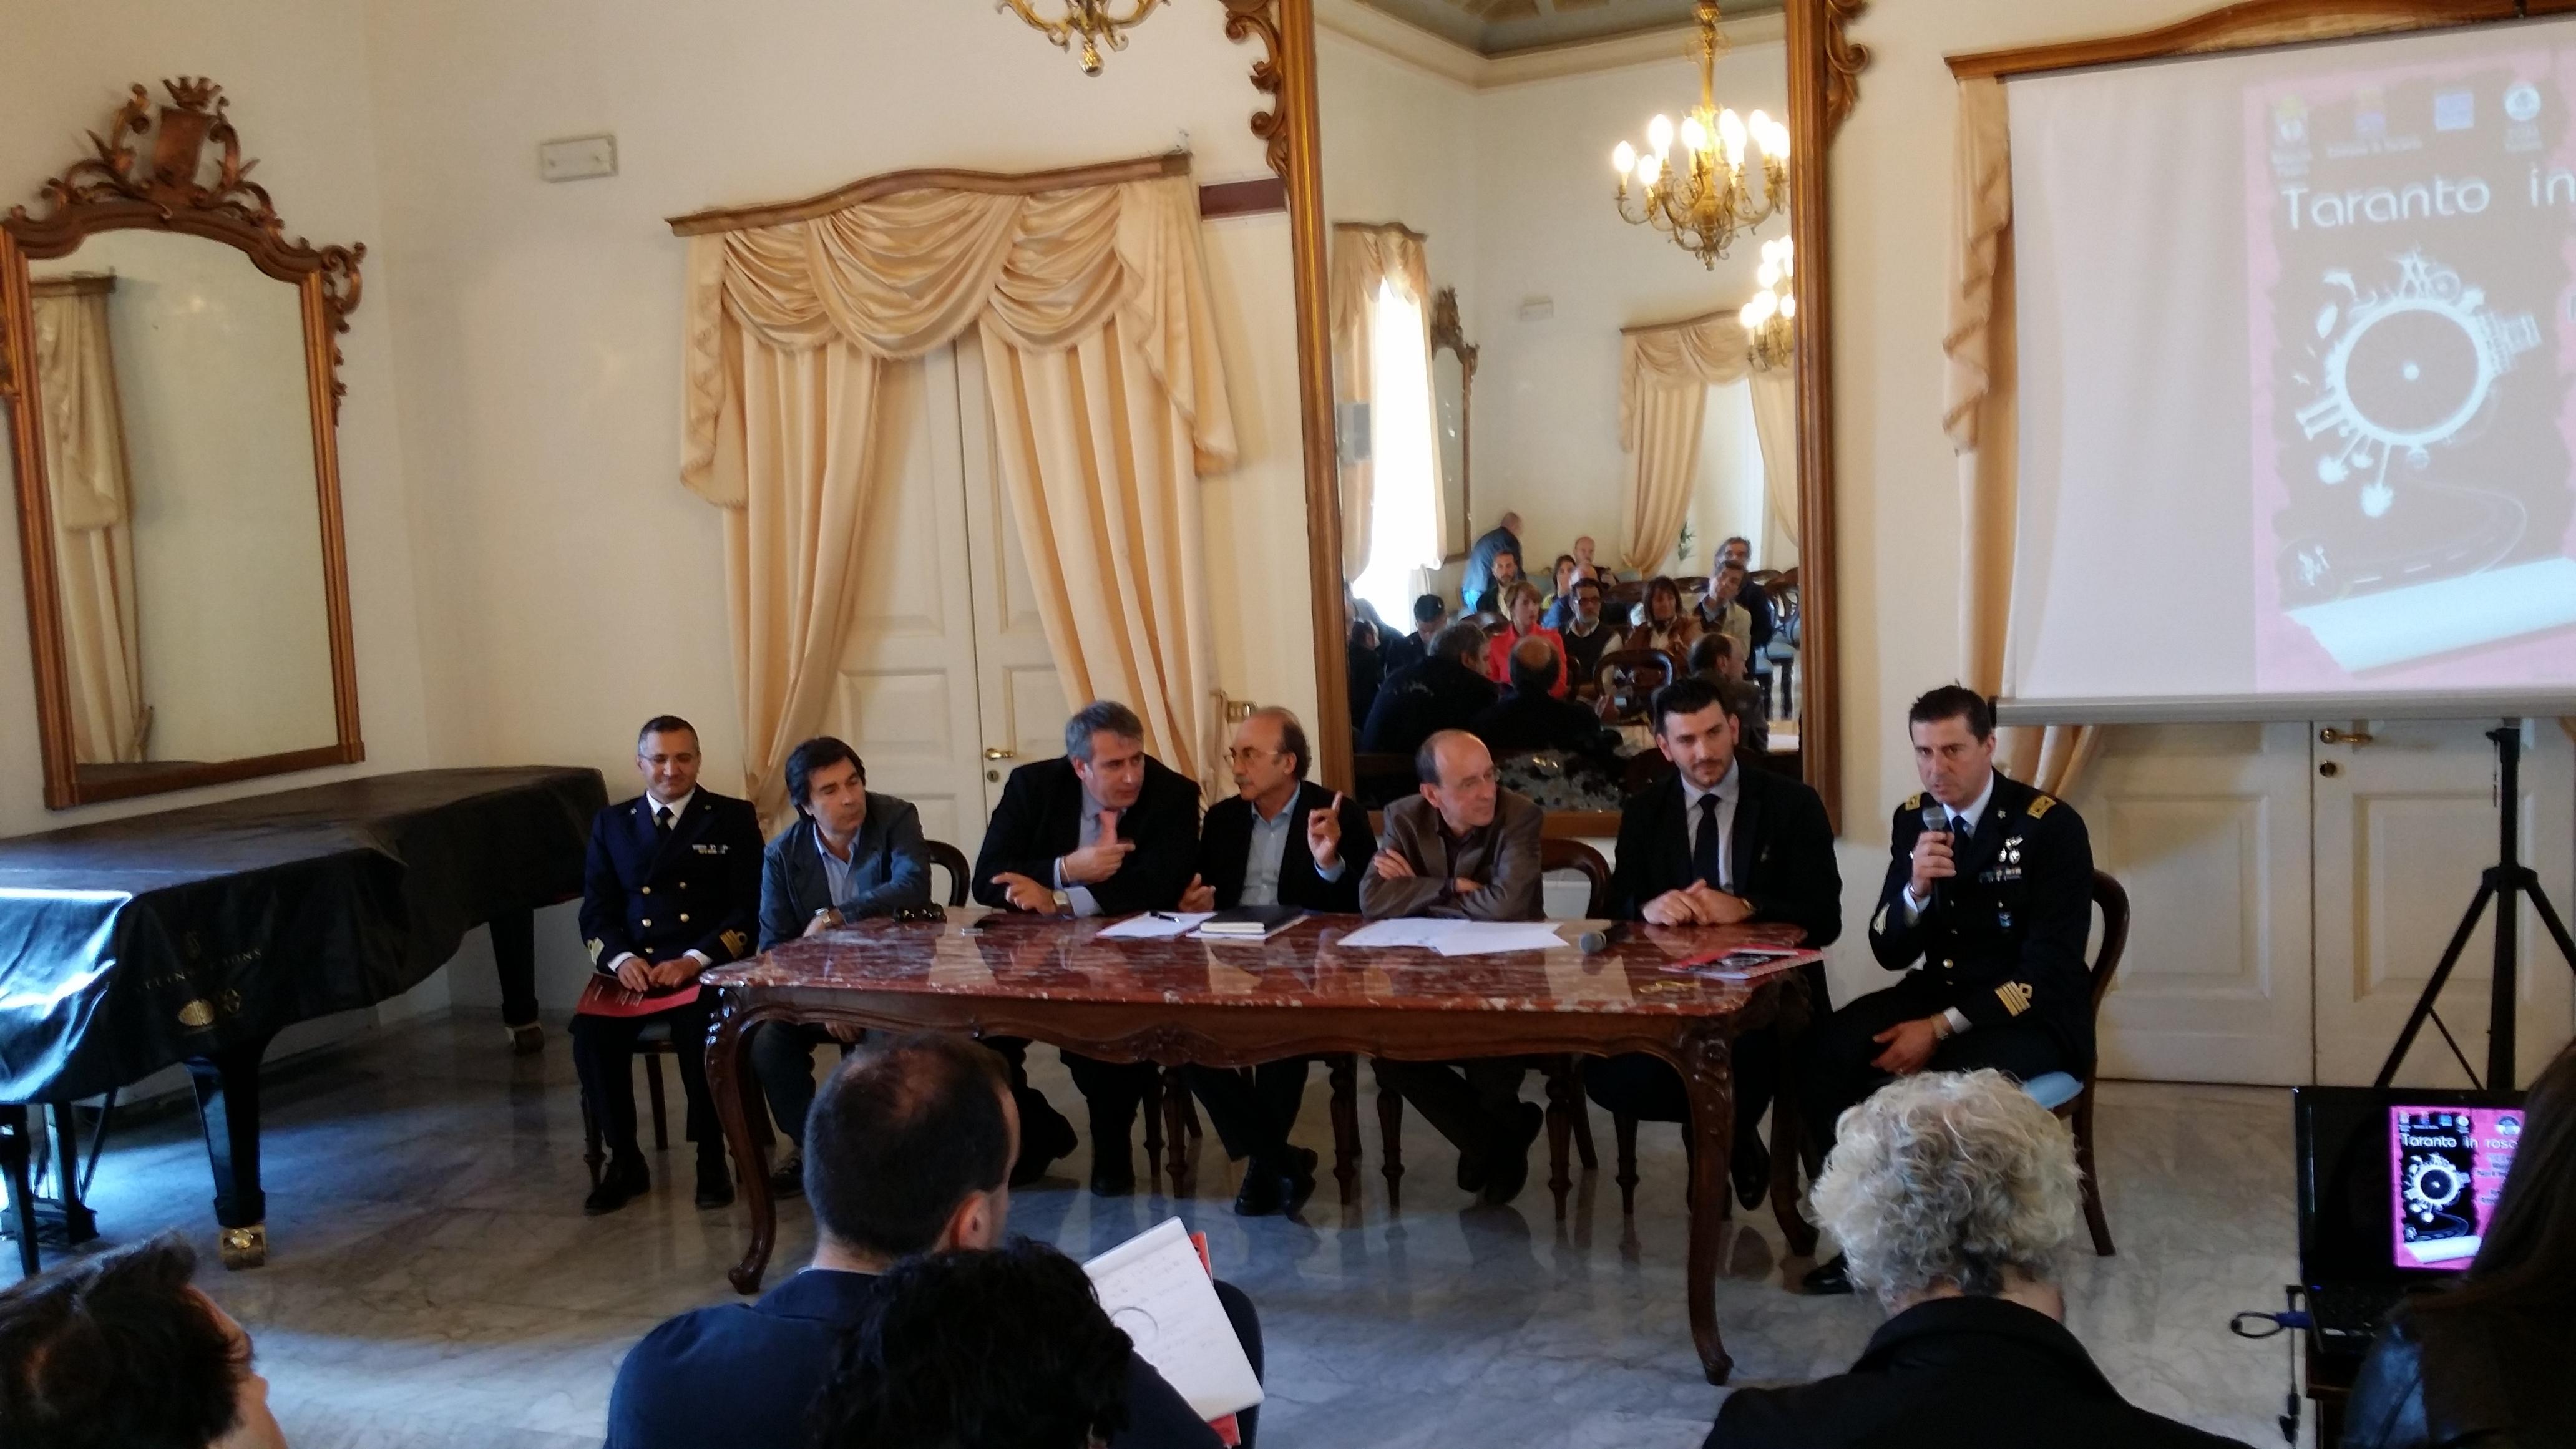 conferenza stampa giro ditalia